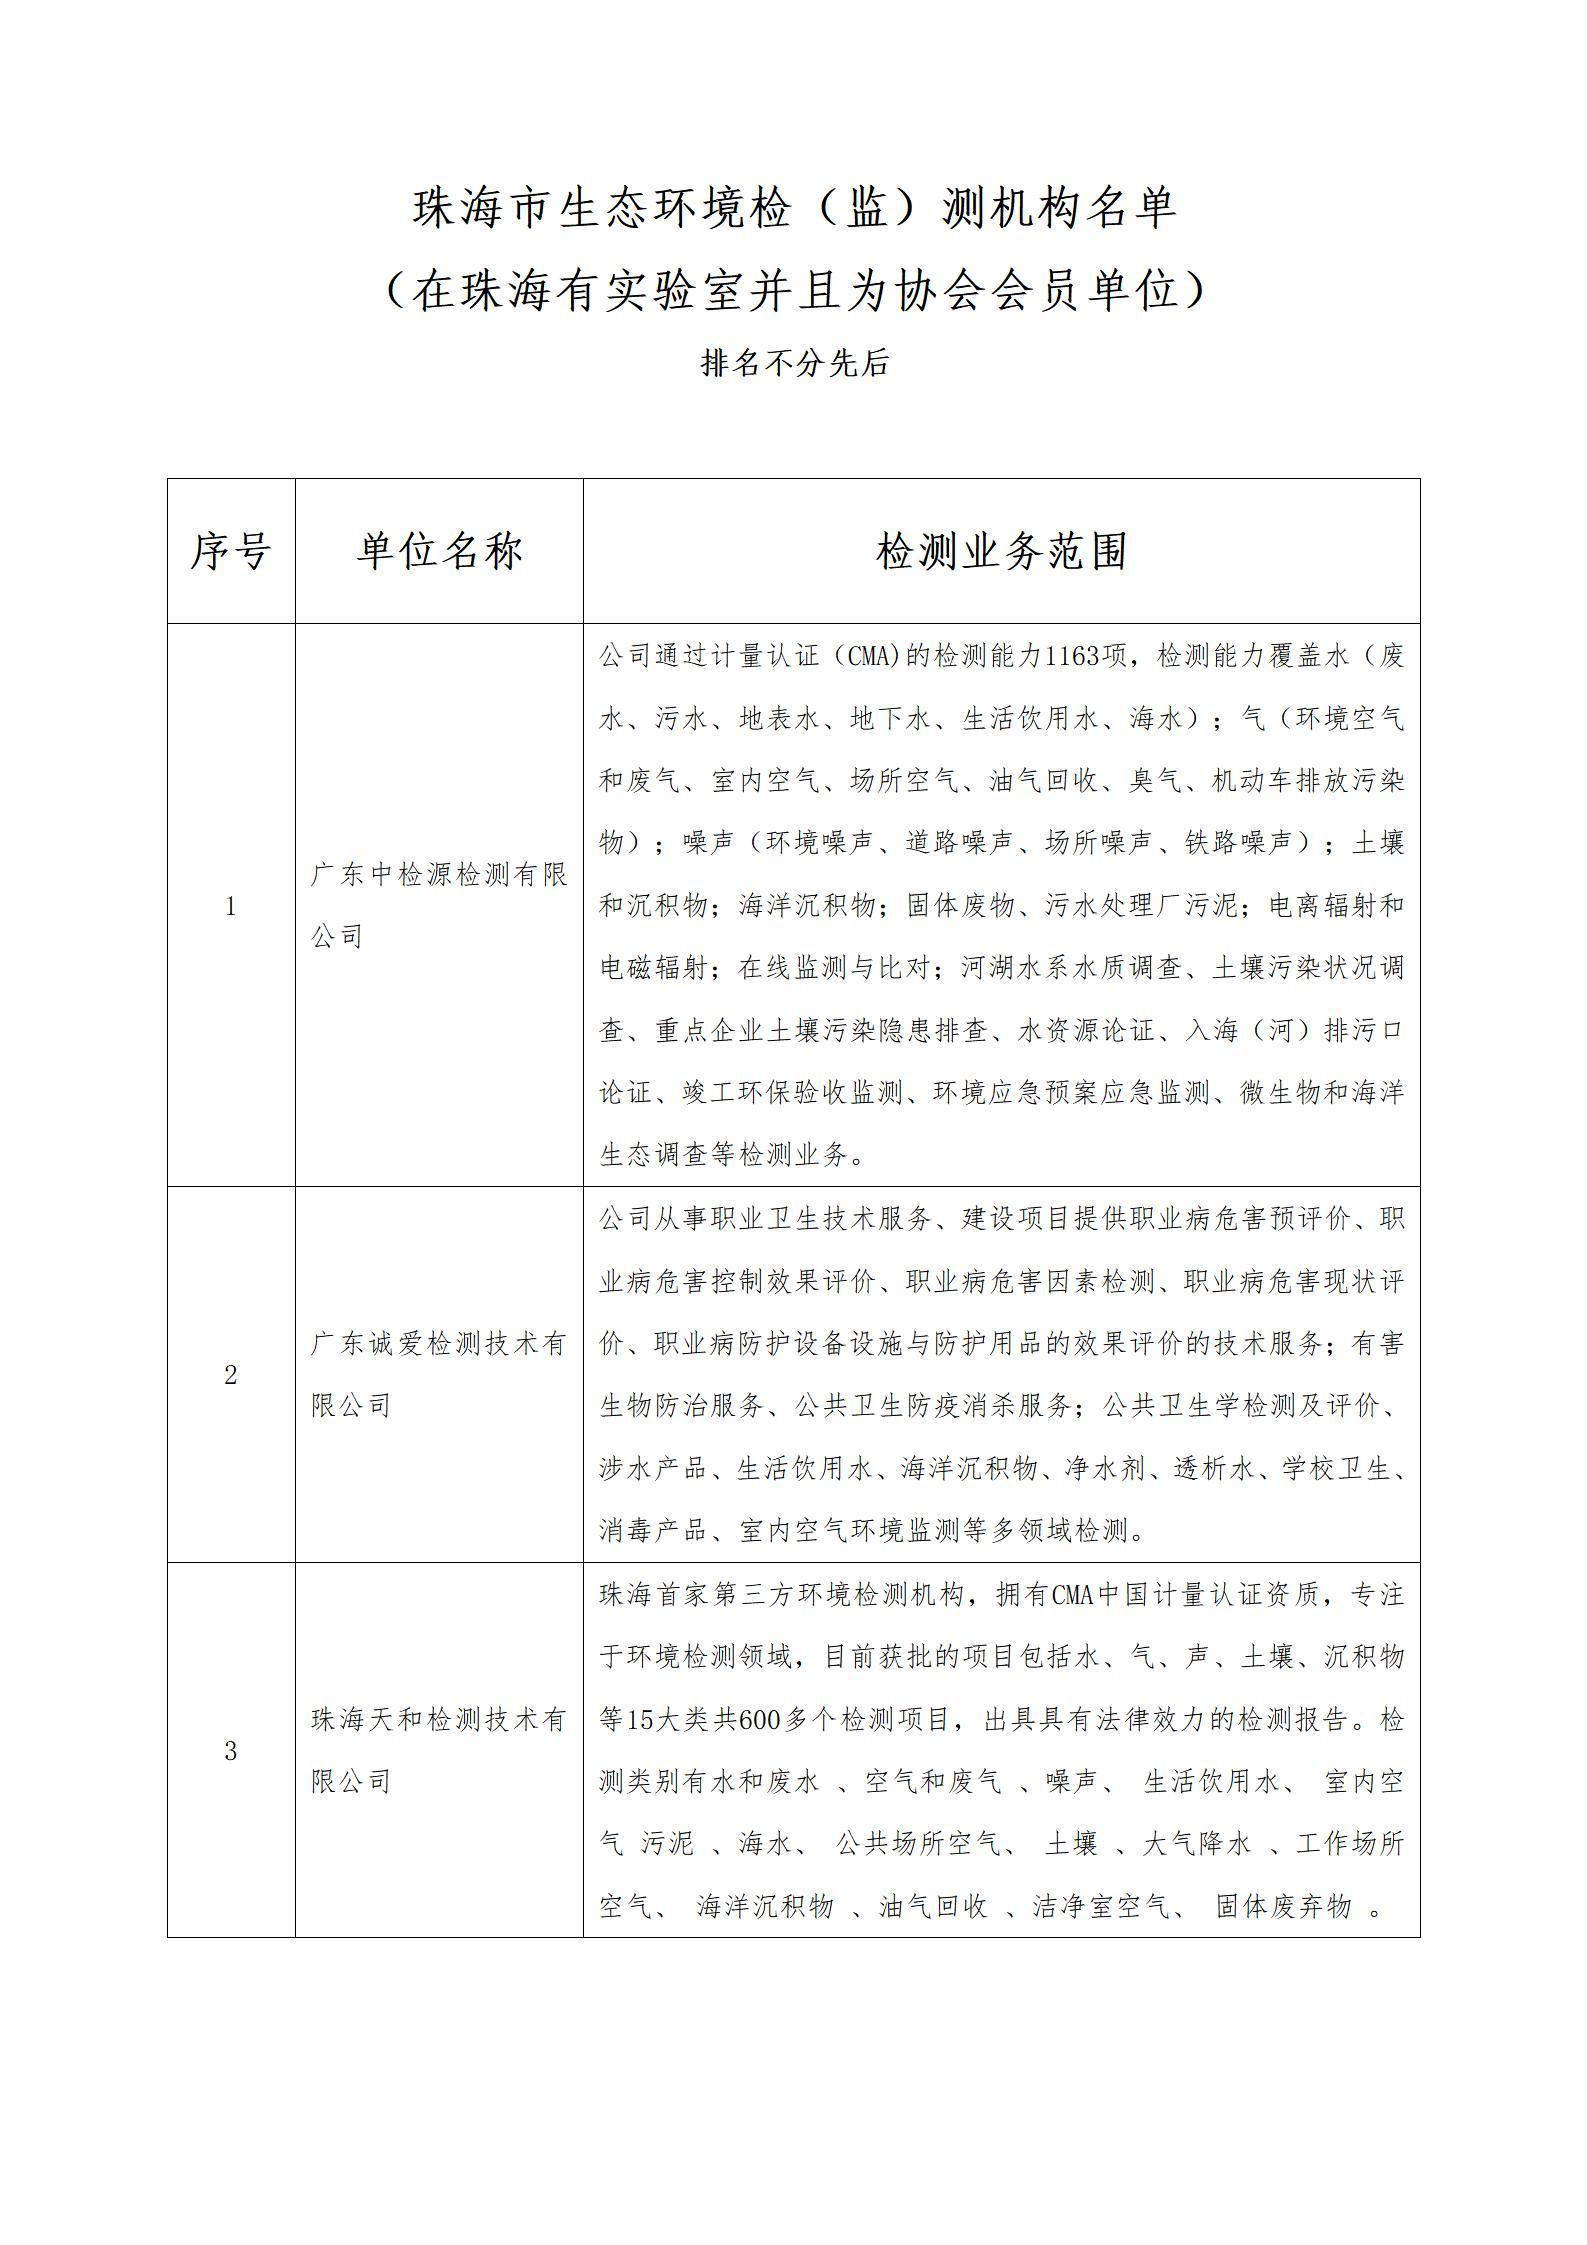 竞博jbo首页生态环境检(监)测机构名单(2)(1)(1)(1)_01.jpg